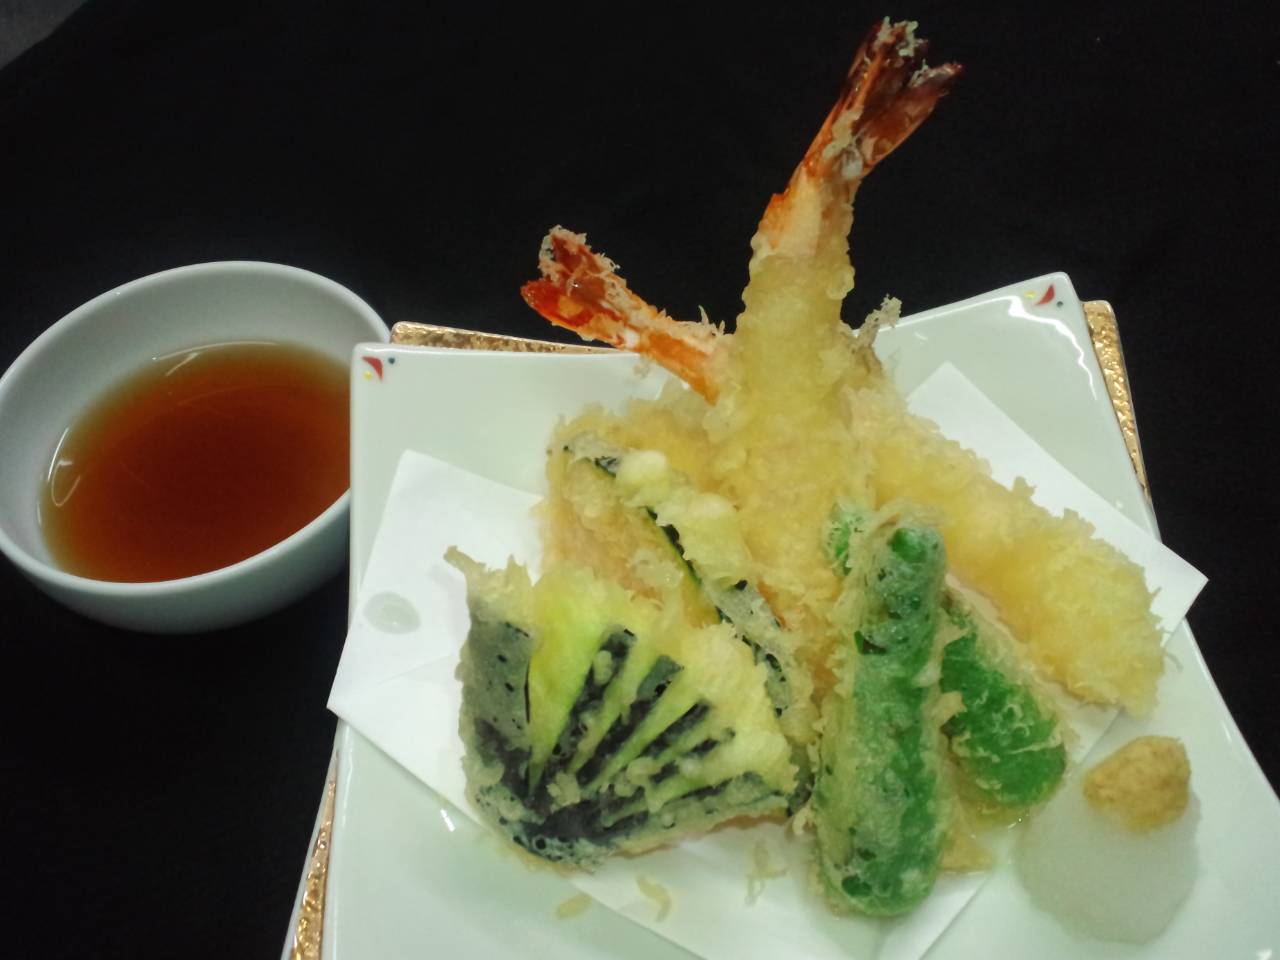 すし屋ですが、天ぷらも美味い!?